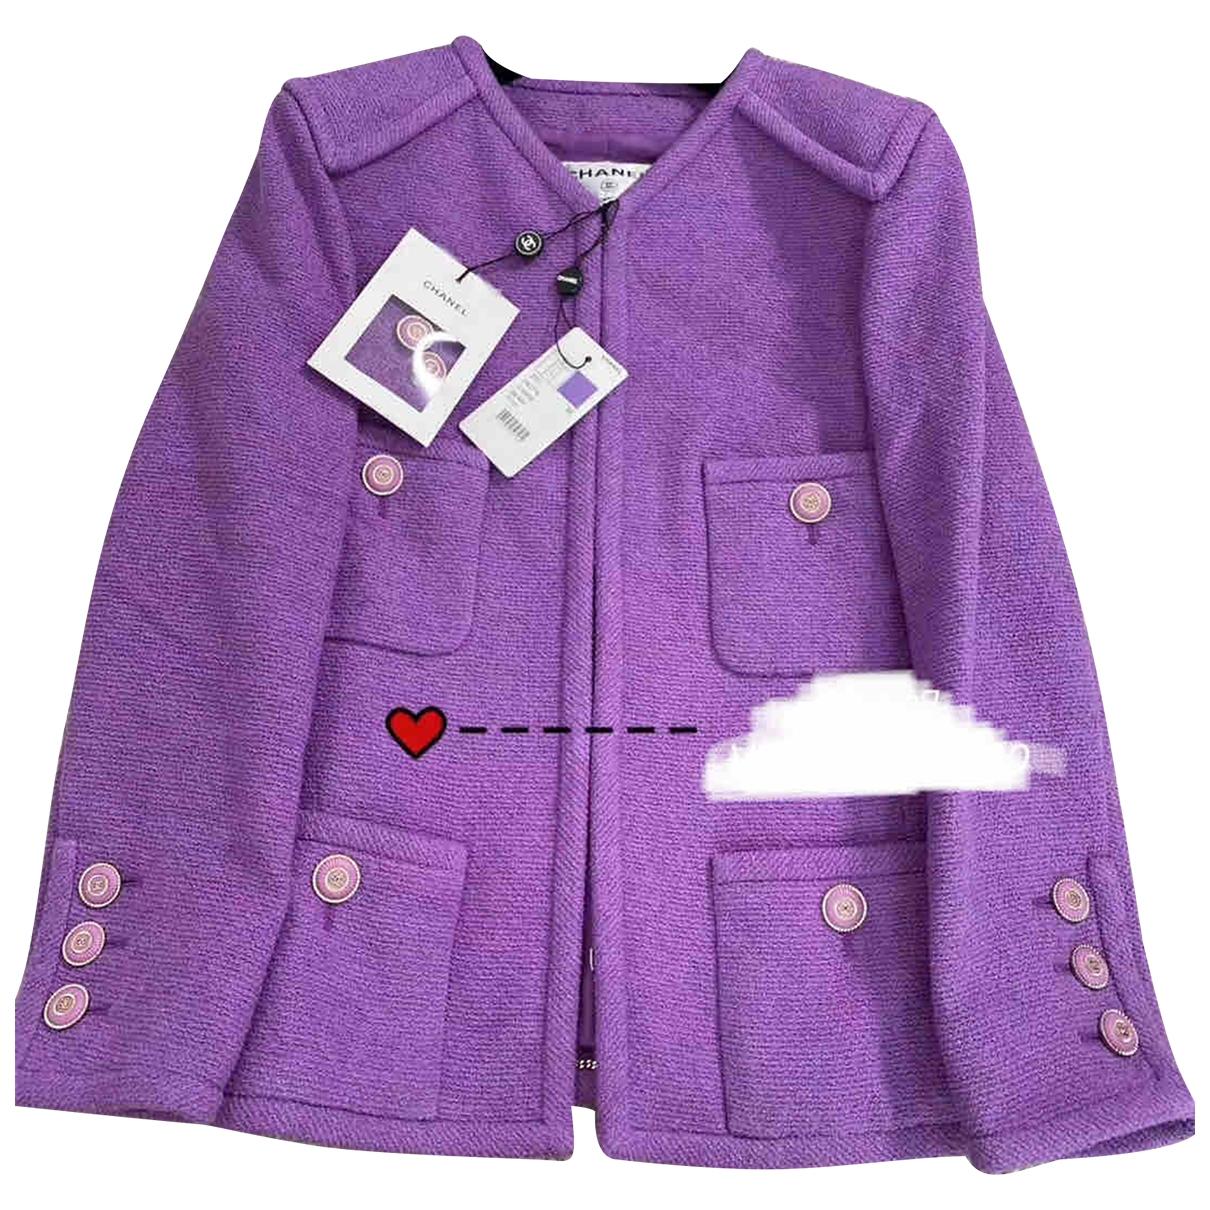 Chanel - Veste   pour femme en coton - violet